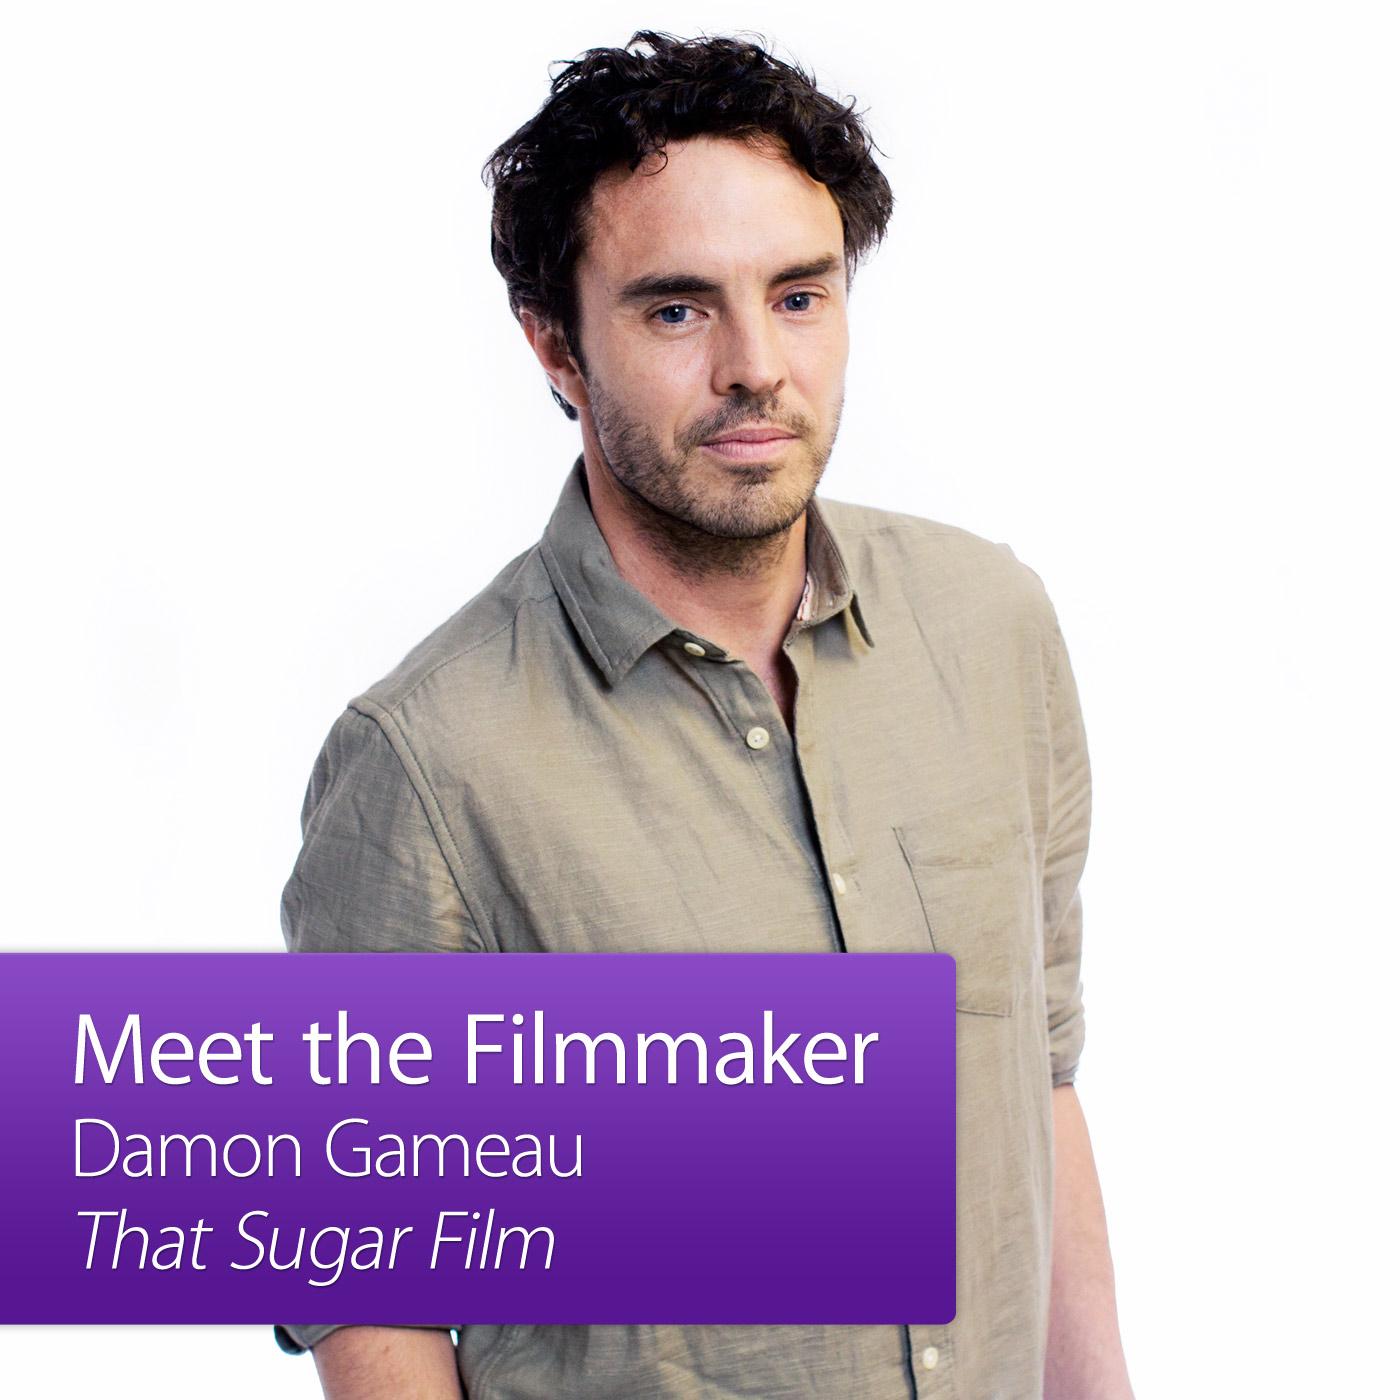 That Sugar Film: Meet the Filmmaker